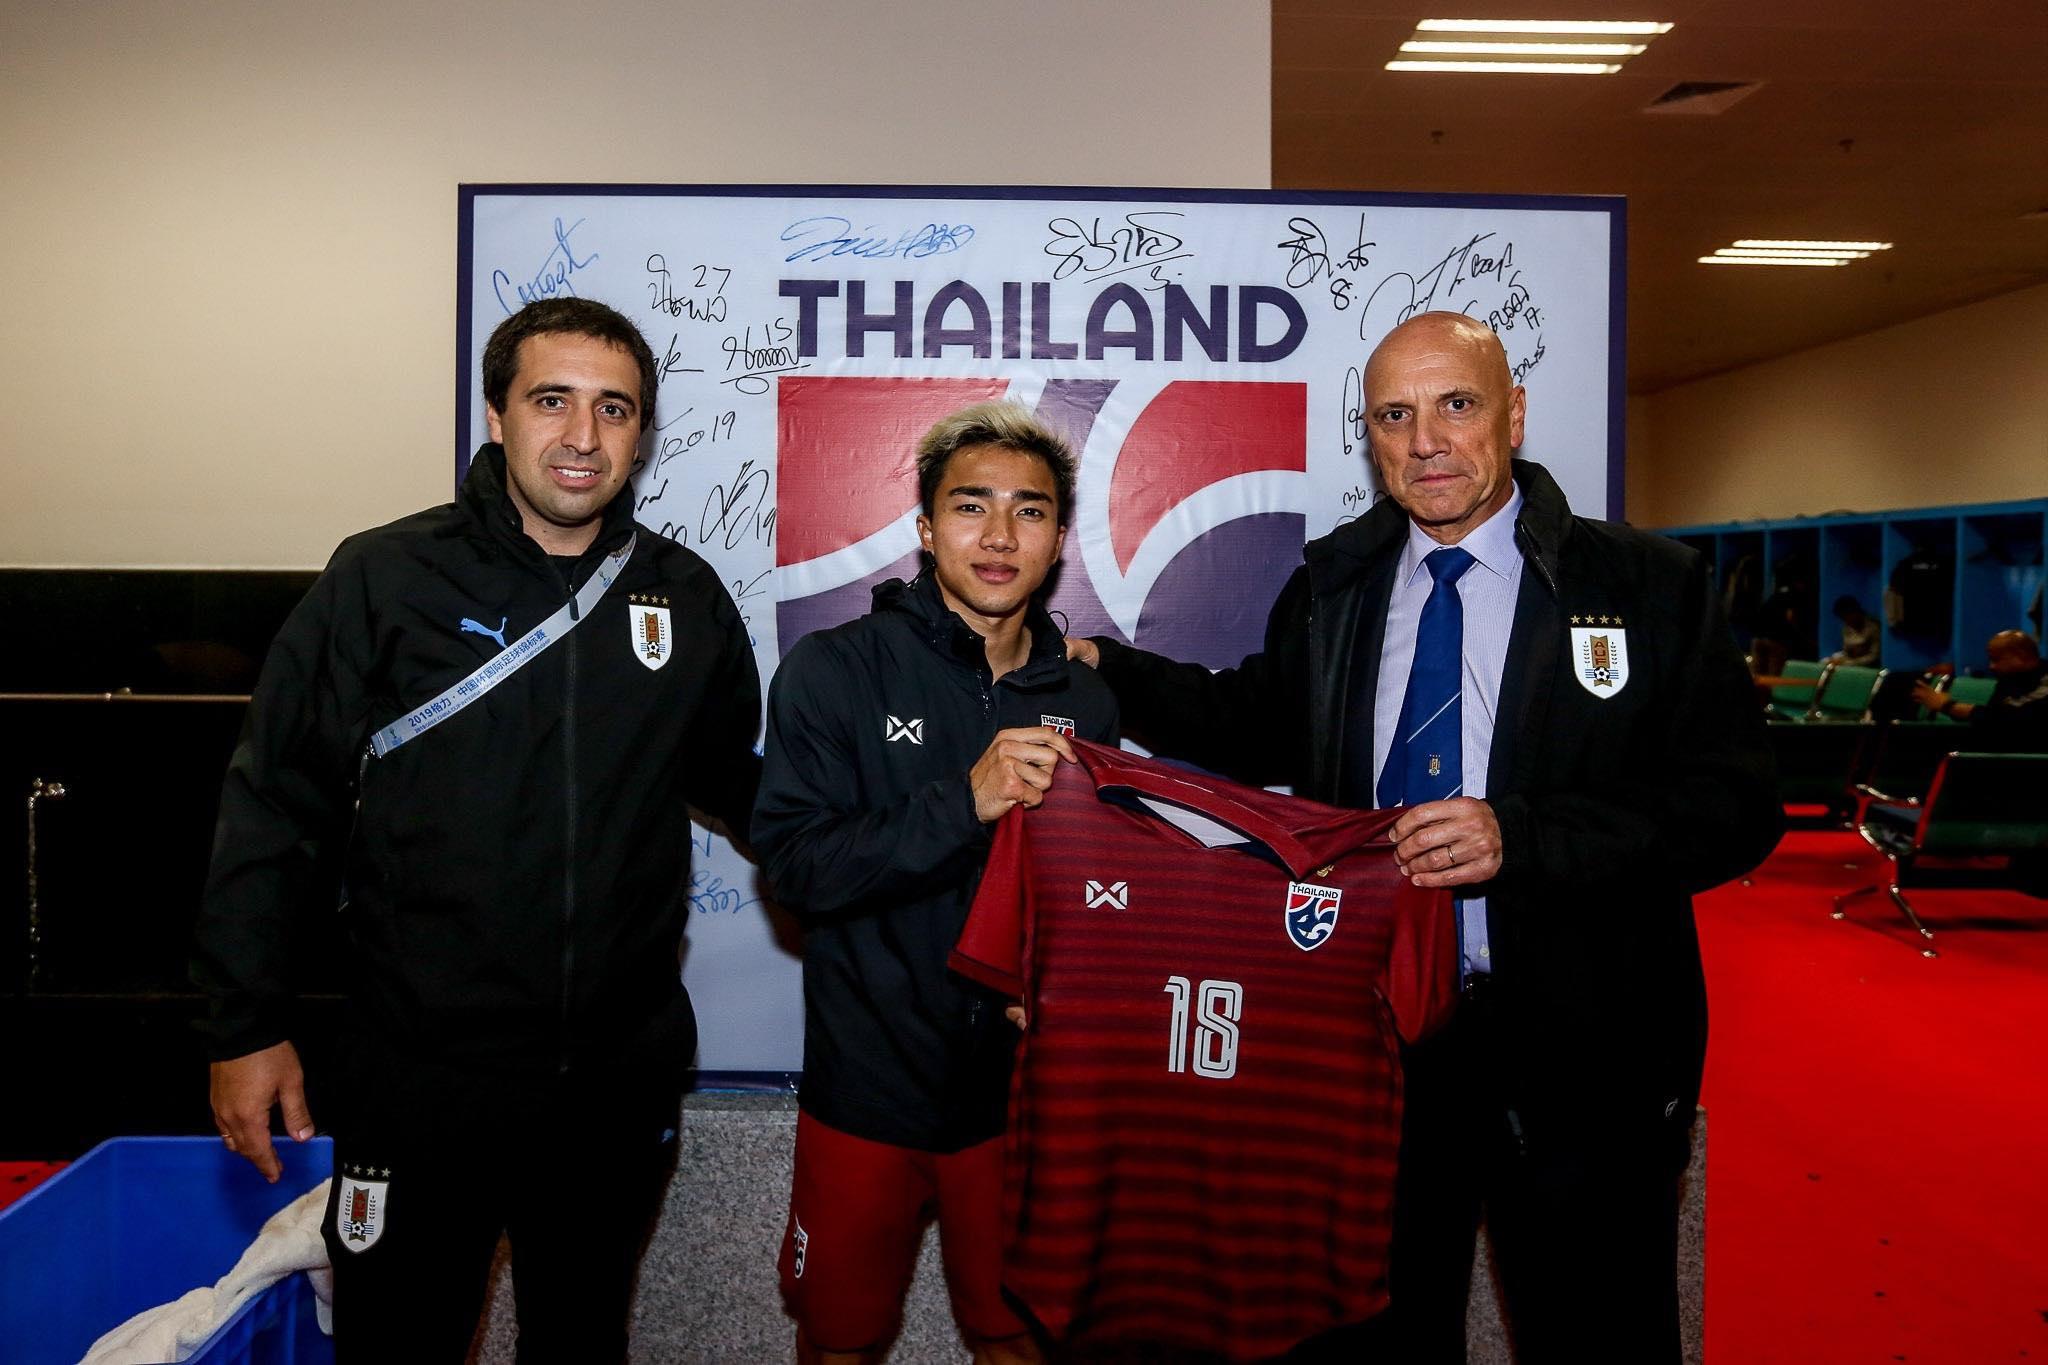 ชนาธิป สรงกระสินธ์ ทีมชาติอุรุกวัย ทีมชาติไทย ไชน่า คัพ 2019